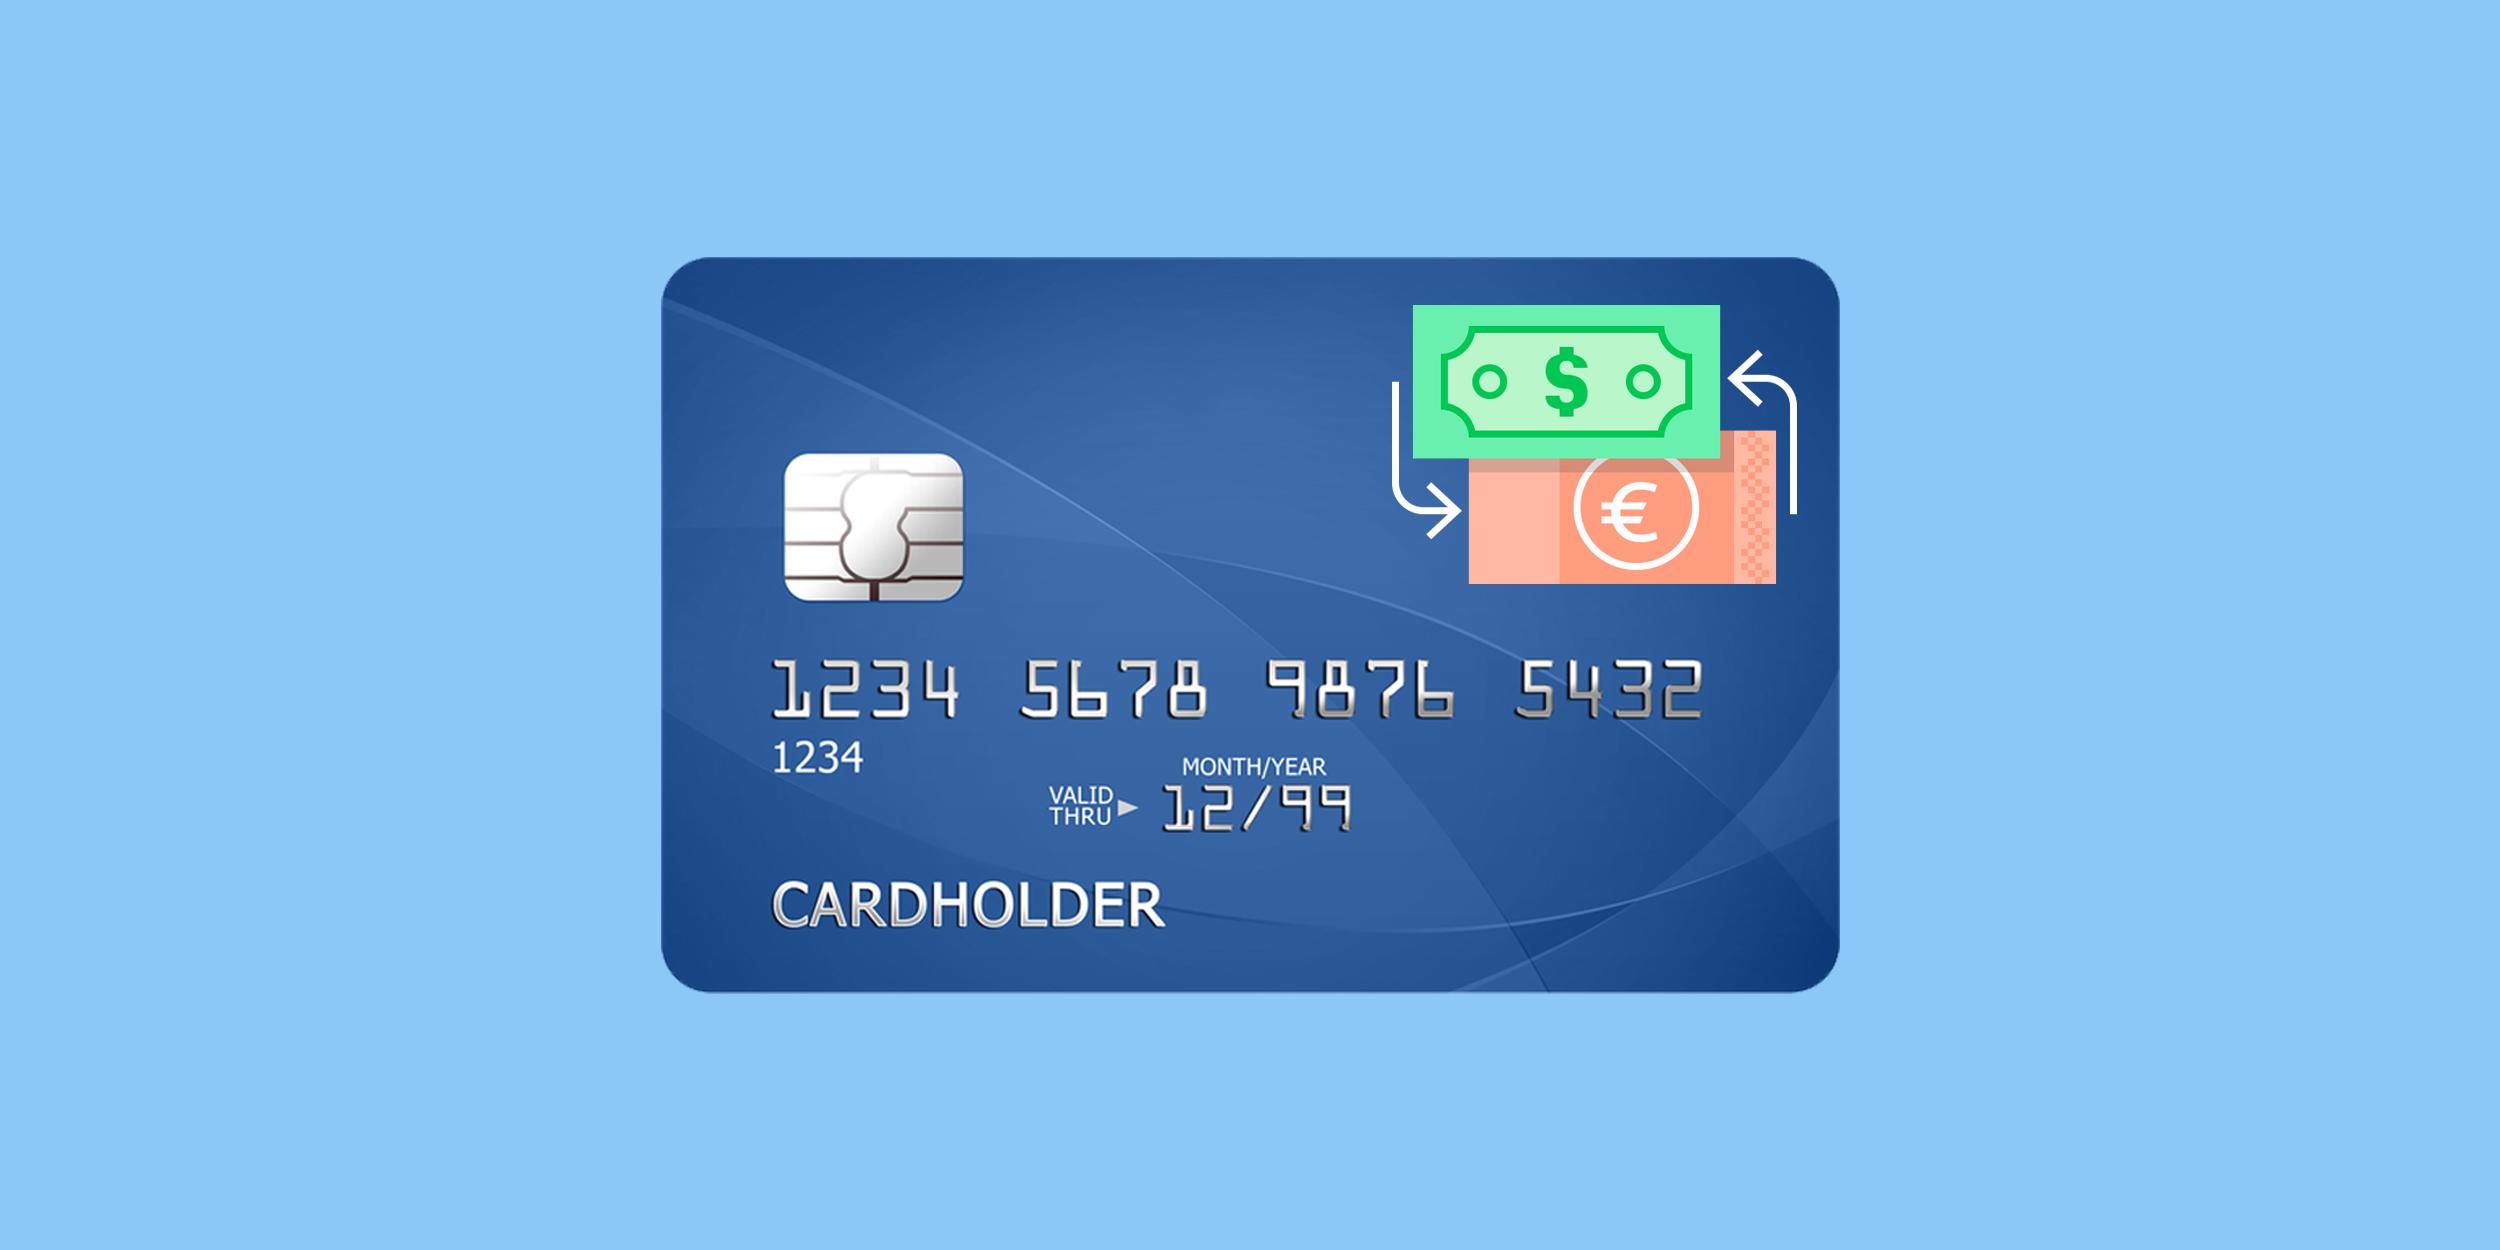 Открыть мультивалютную карту в 2020 году — преимущества, стоимость обслуживания лучших банковских карт в захарово